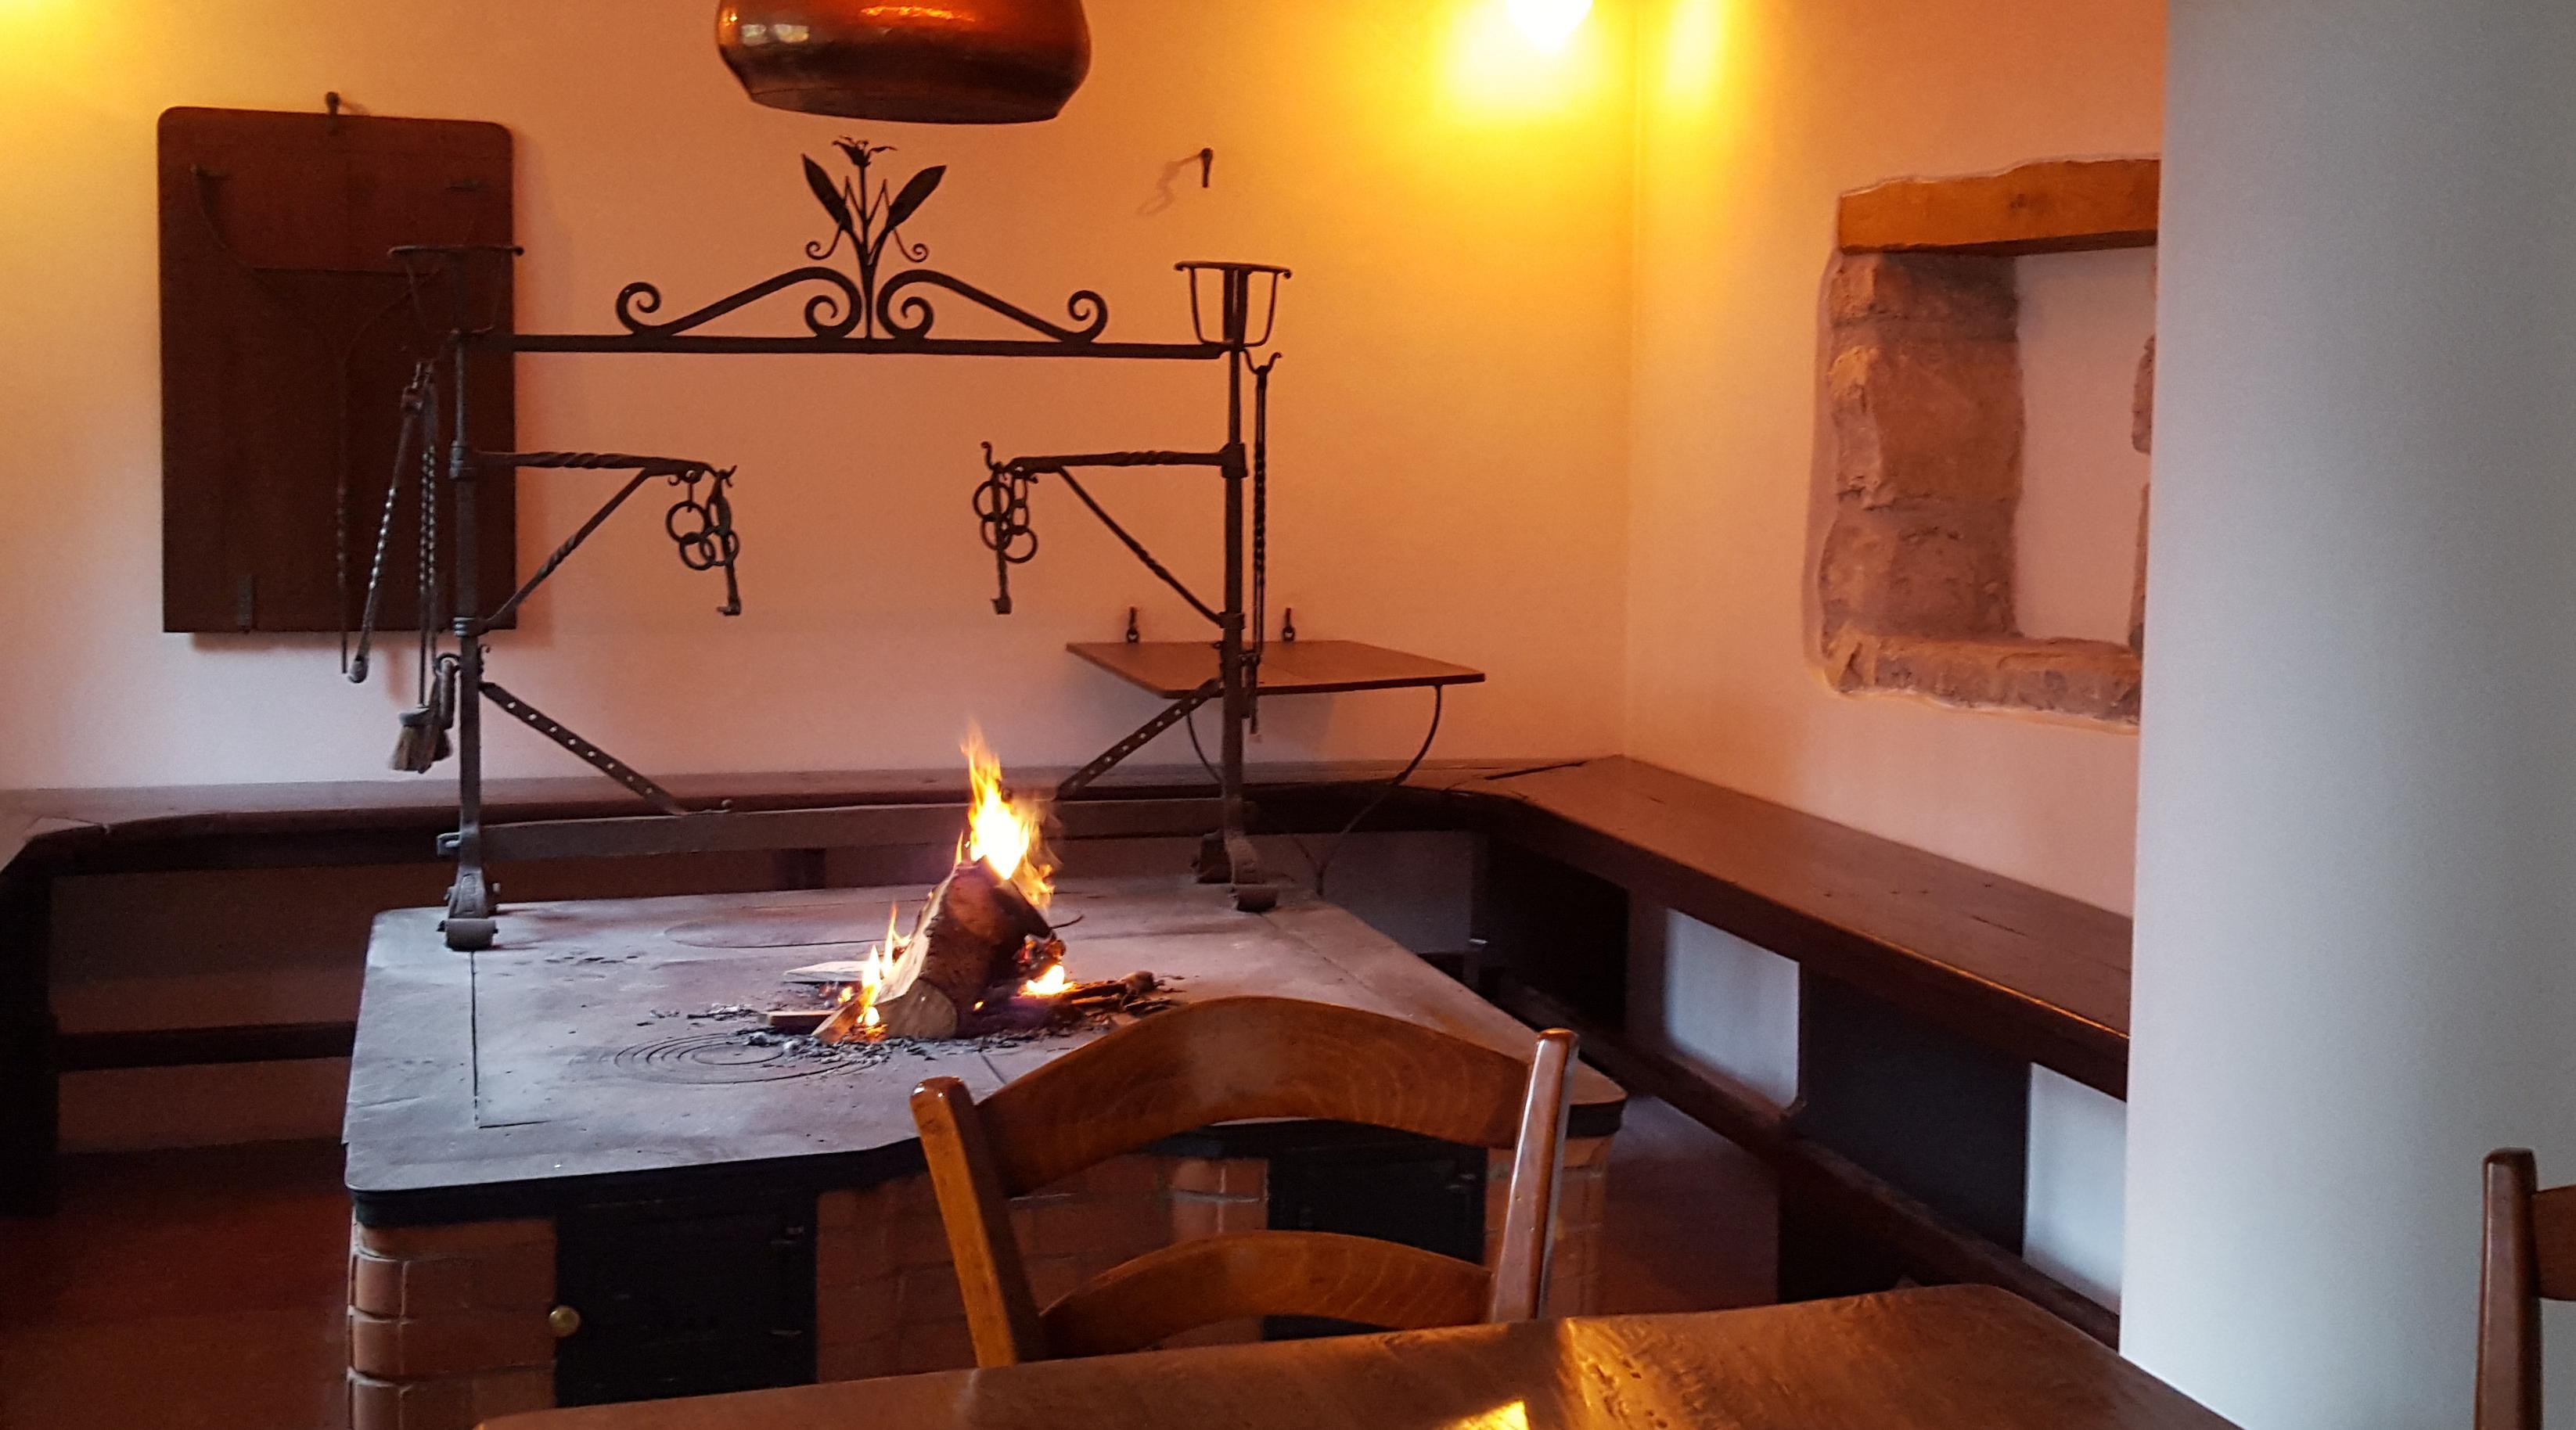 Il focolare friulano dell'albergo Martina di Chiusaforte, Friuli, Italia